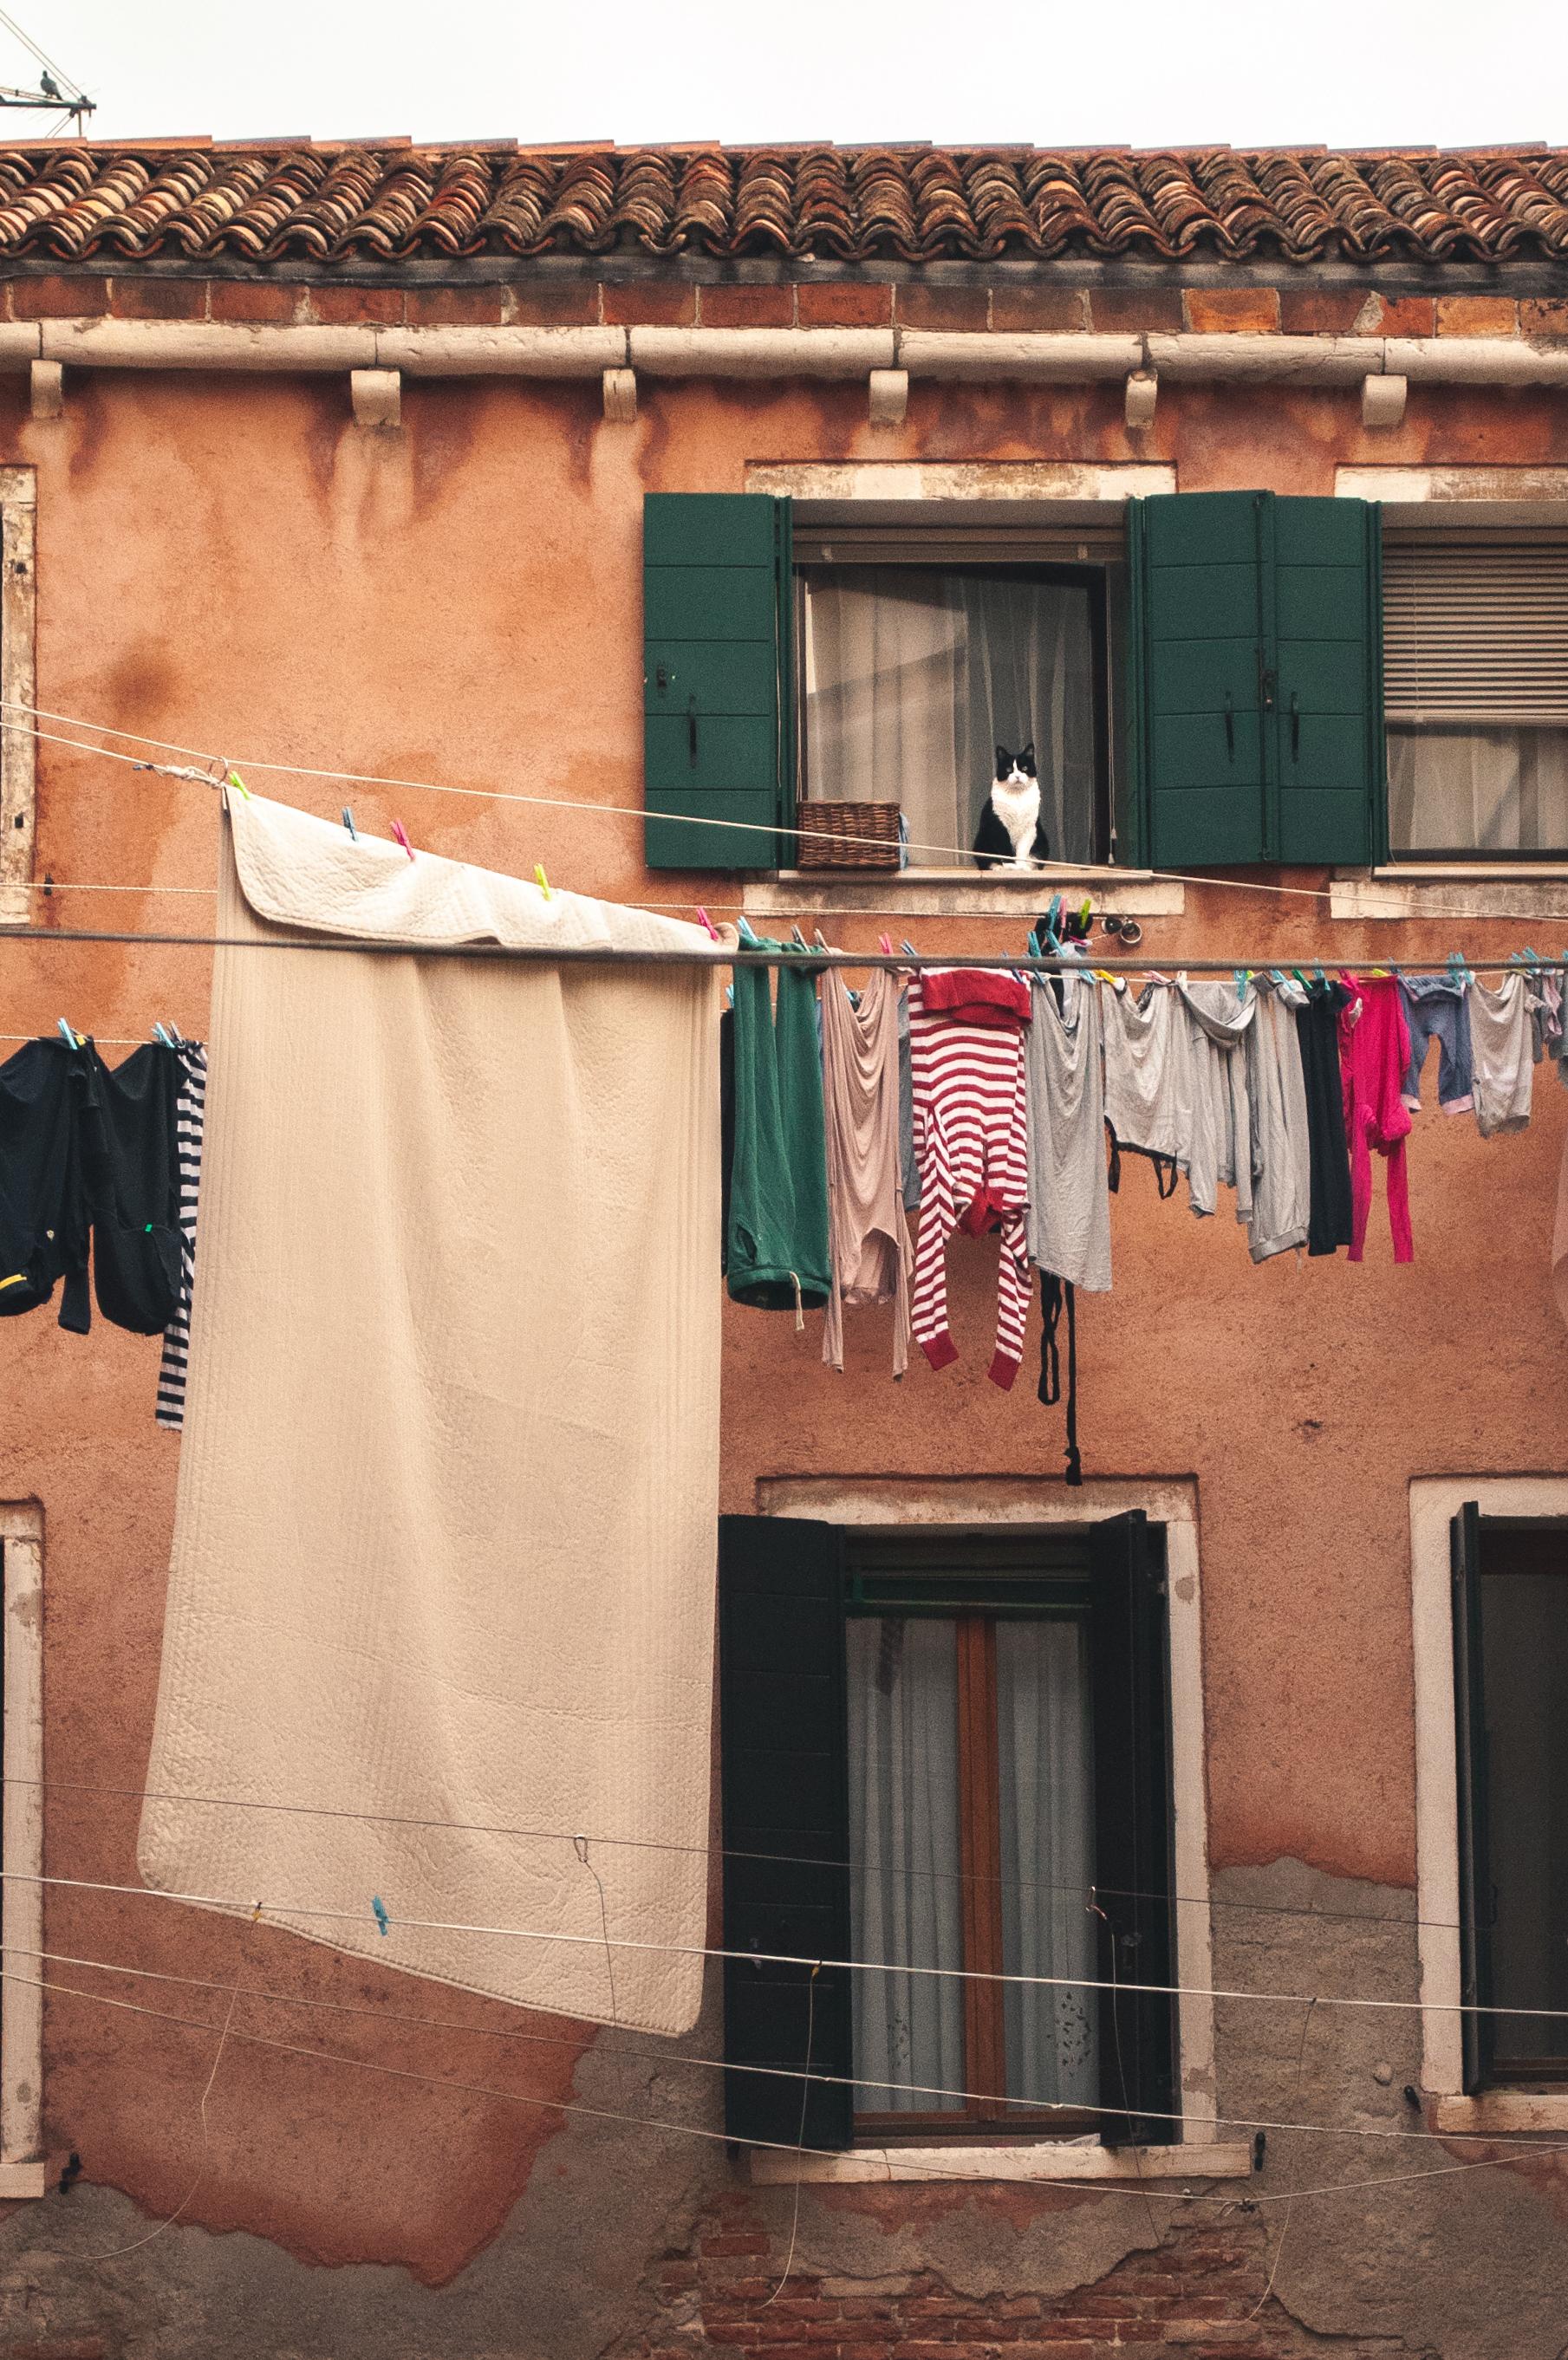 Katze und Wäscheleine in Venedig